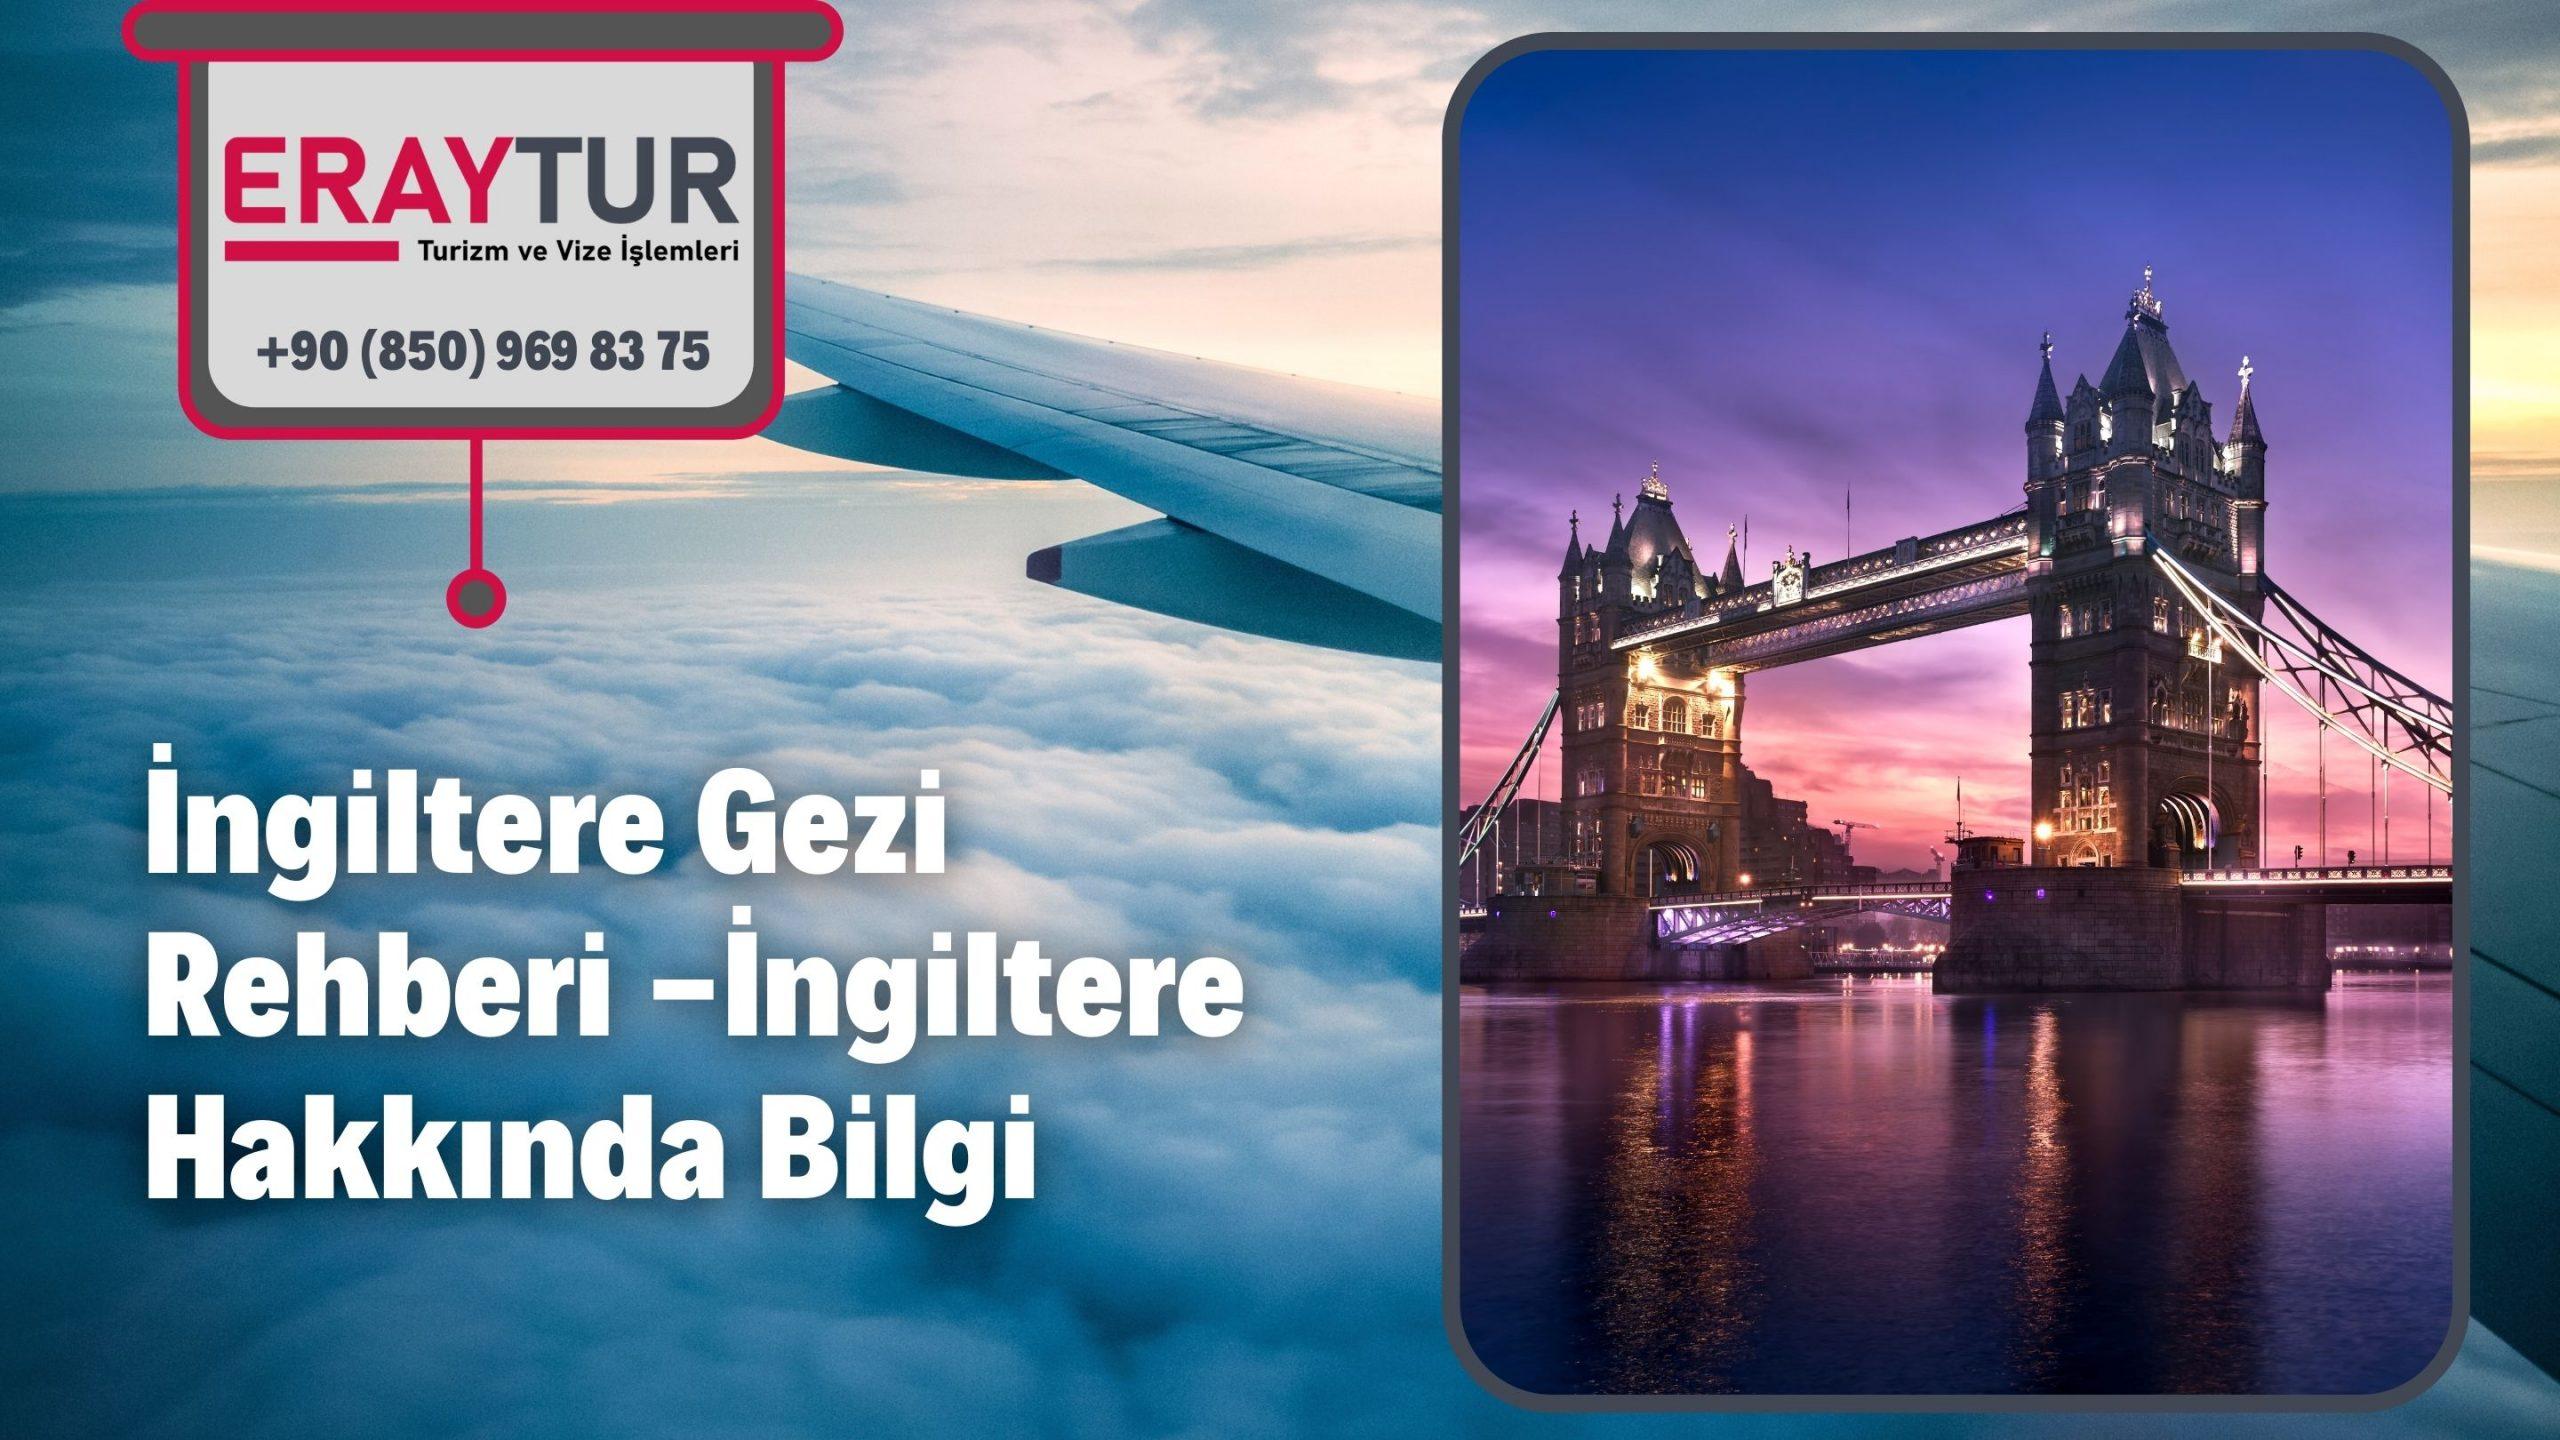 İngiltere Gezi Rehberi 2021-İngiltere Hakkında Bilgi